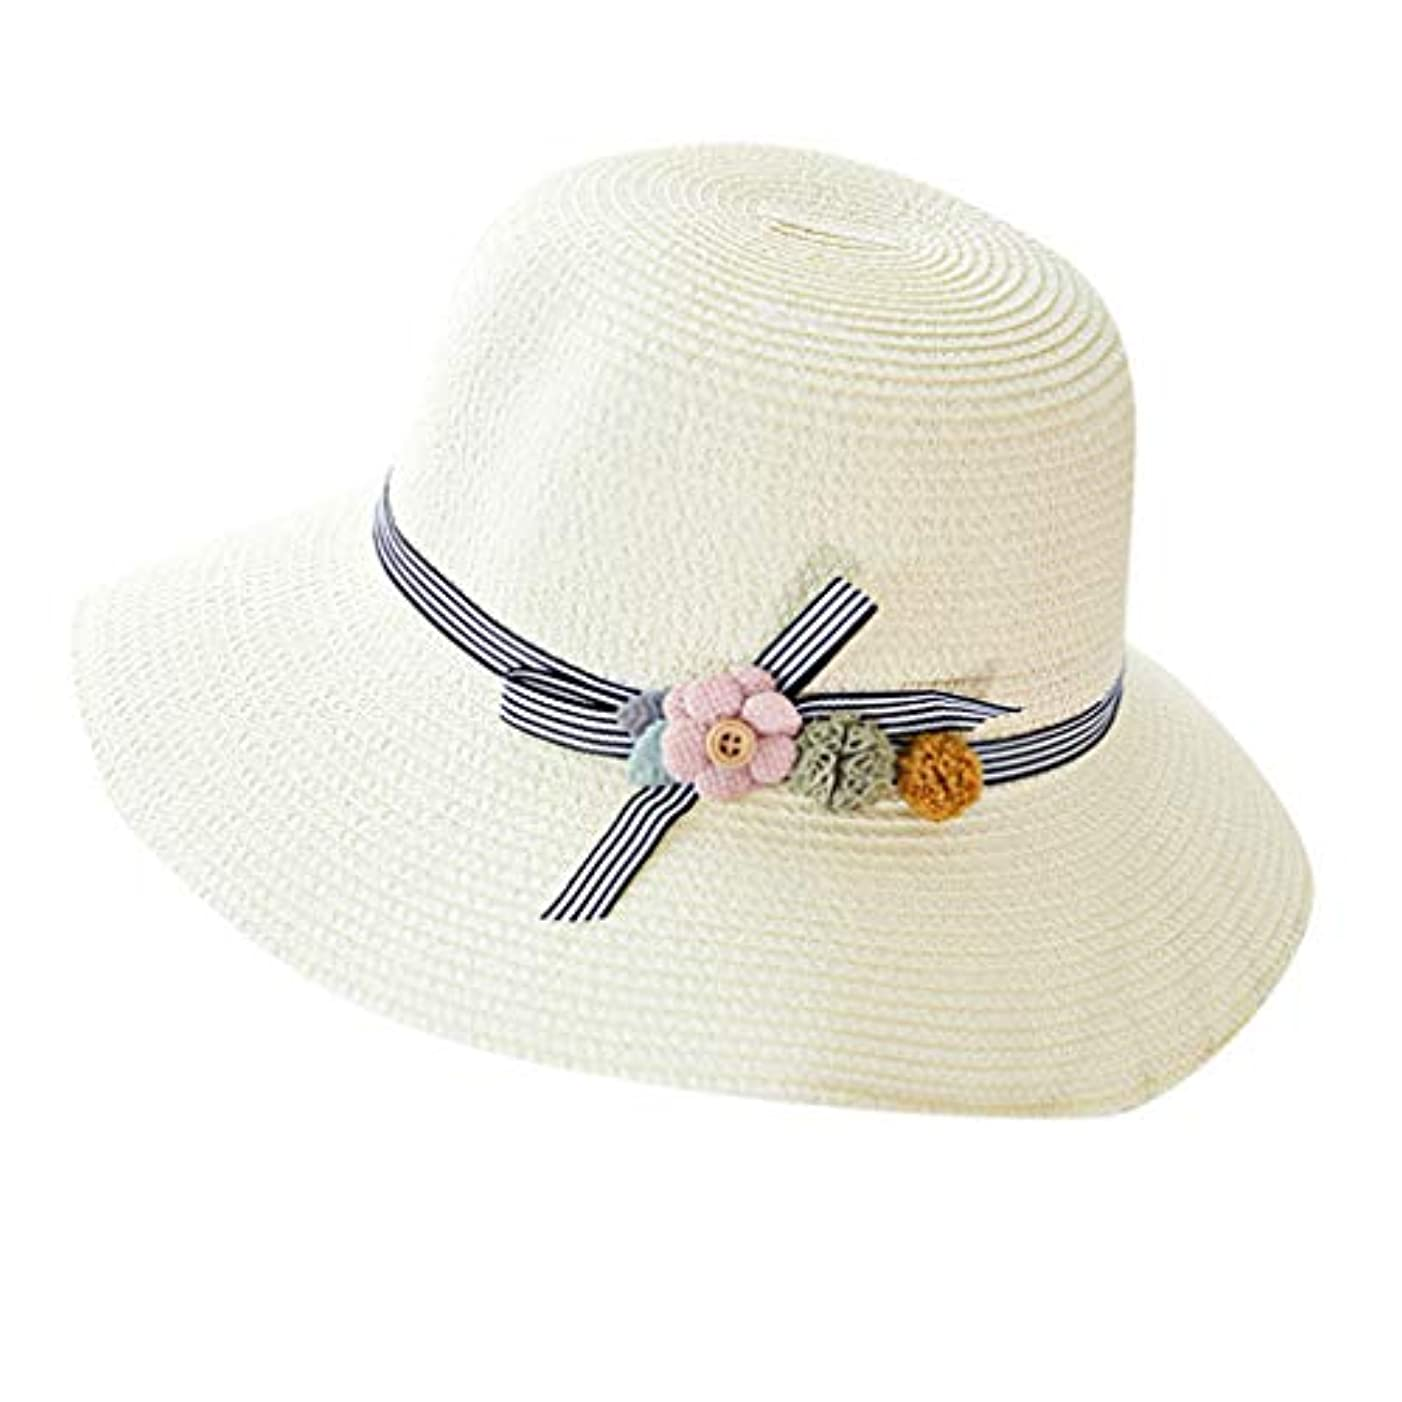 東方証明がっかりした漁師帽 夏 帽子 レディース UVカット 帽子 ハット レディース 紫外線対策 日焼け防止 つば広 日焼け 旅行用 日よけ 夏季 折りたたみ 森ガール ビーチ 海辺 帽子 ハット レディース 花 ROSE ROMAN